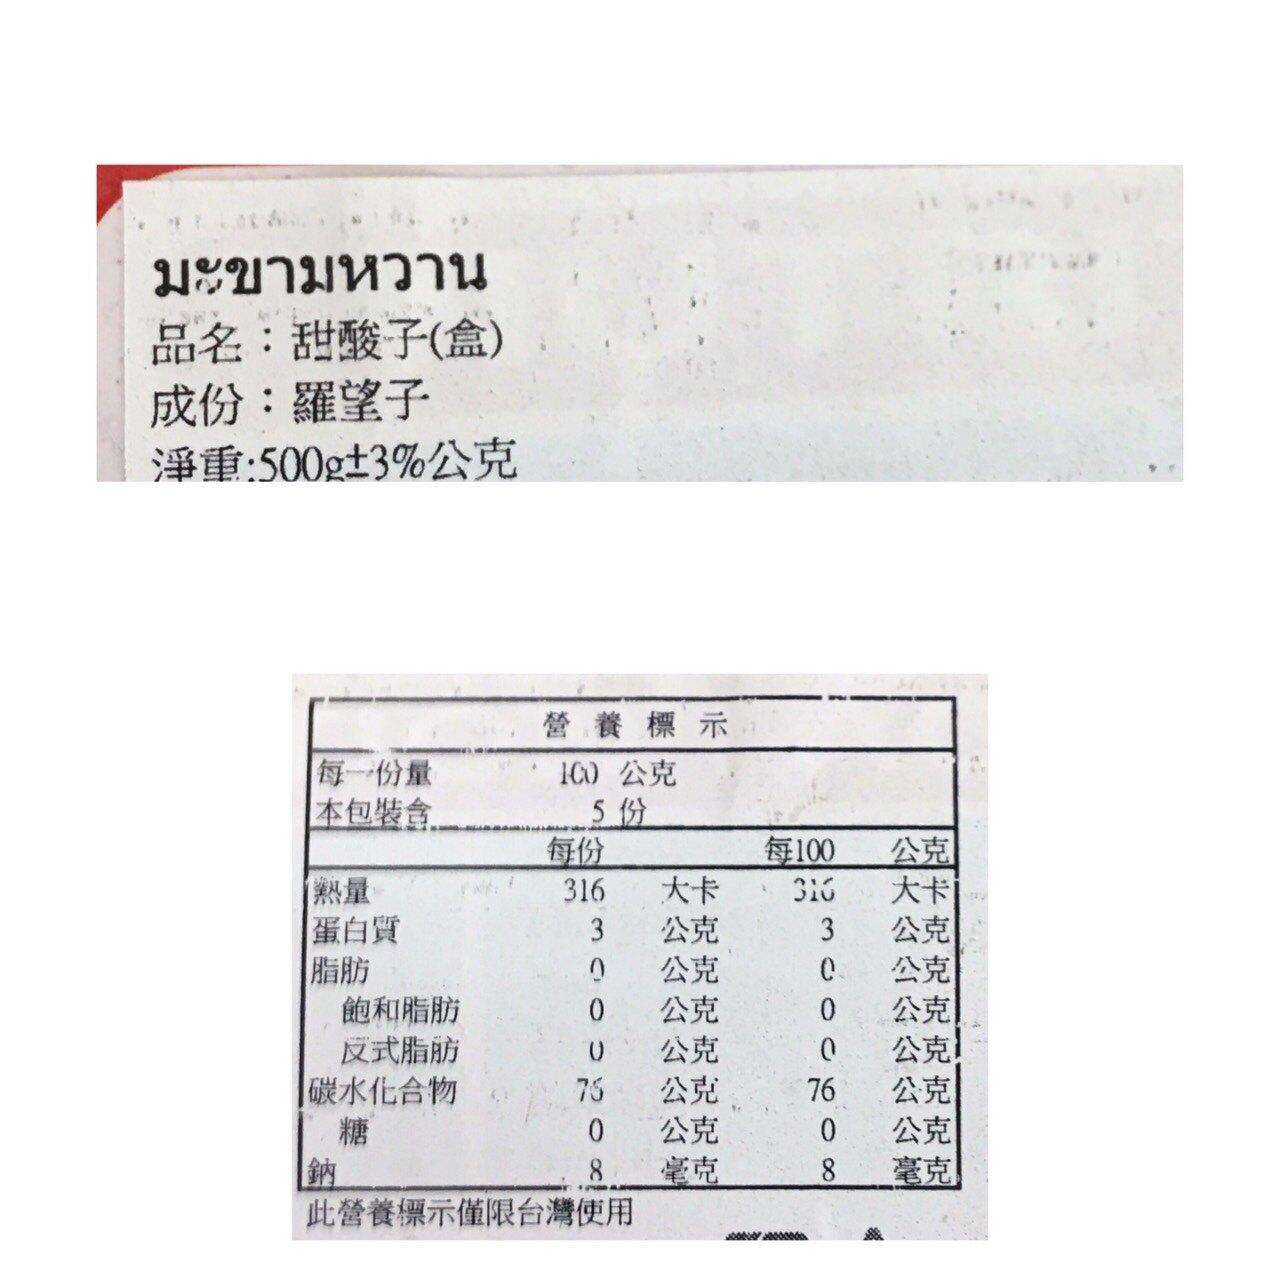 {泰菲印越} 新鮮 羅望子 甜酸子 500克